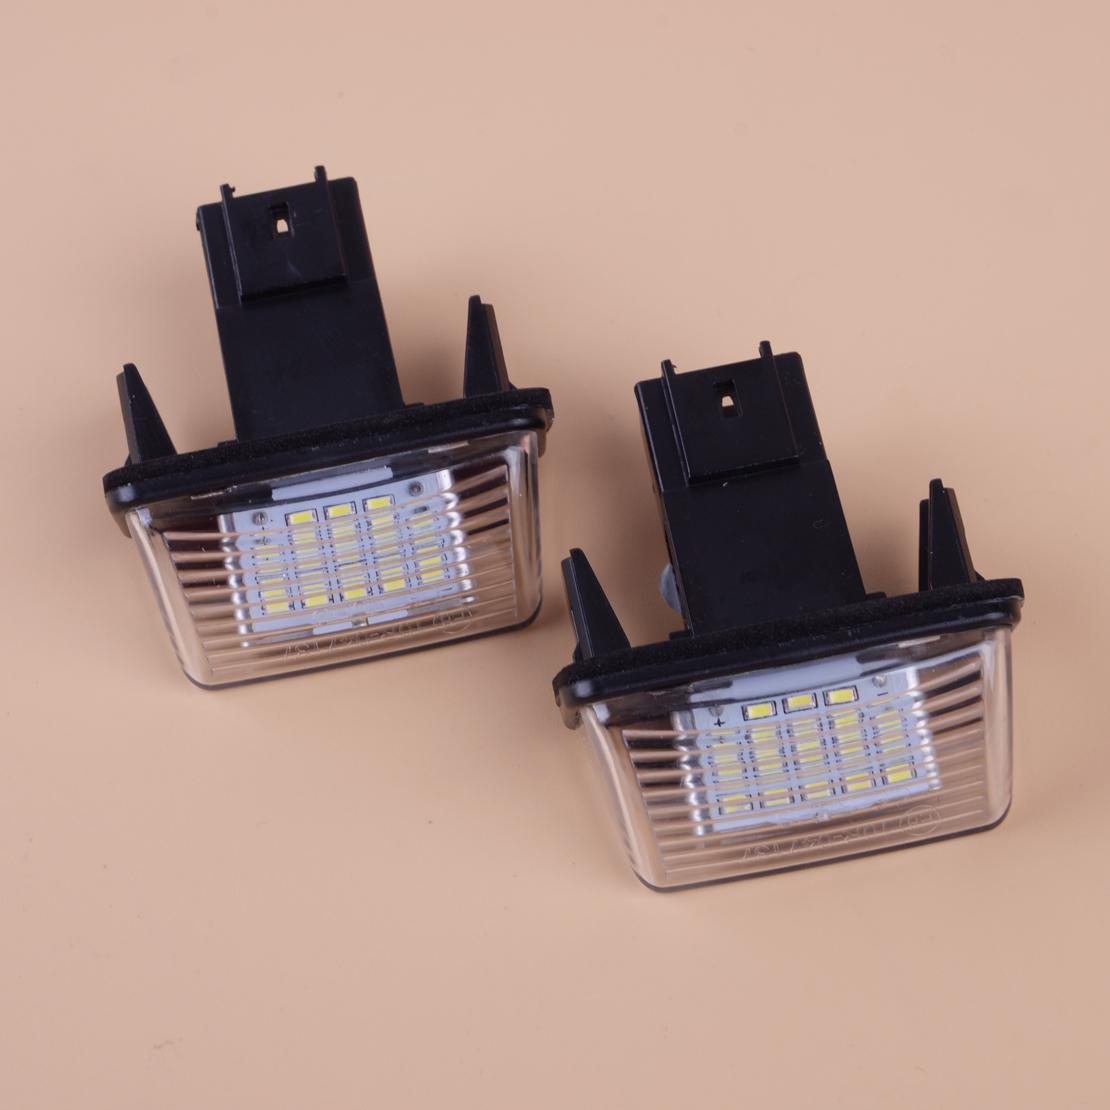 2 Light Bulbs LED For Lighting Plate Peugeot 206 207 307 308 407 3008 5008